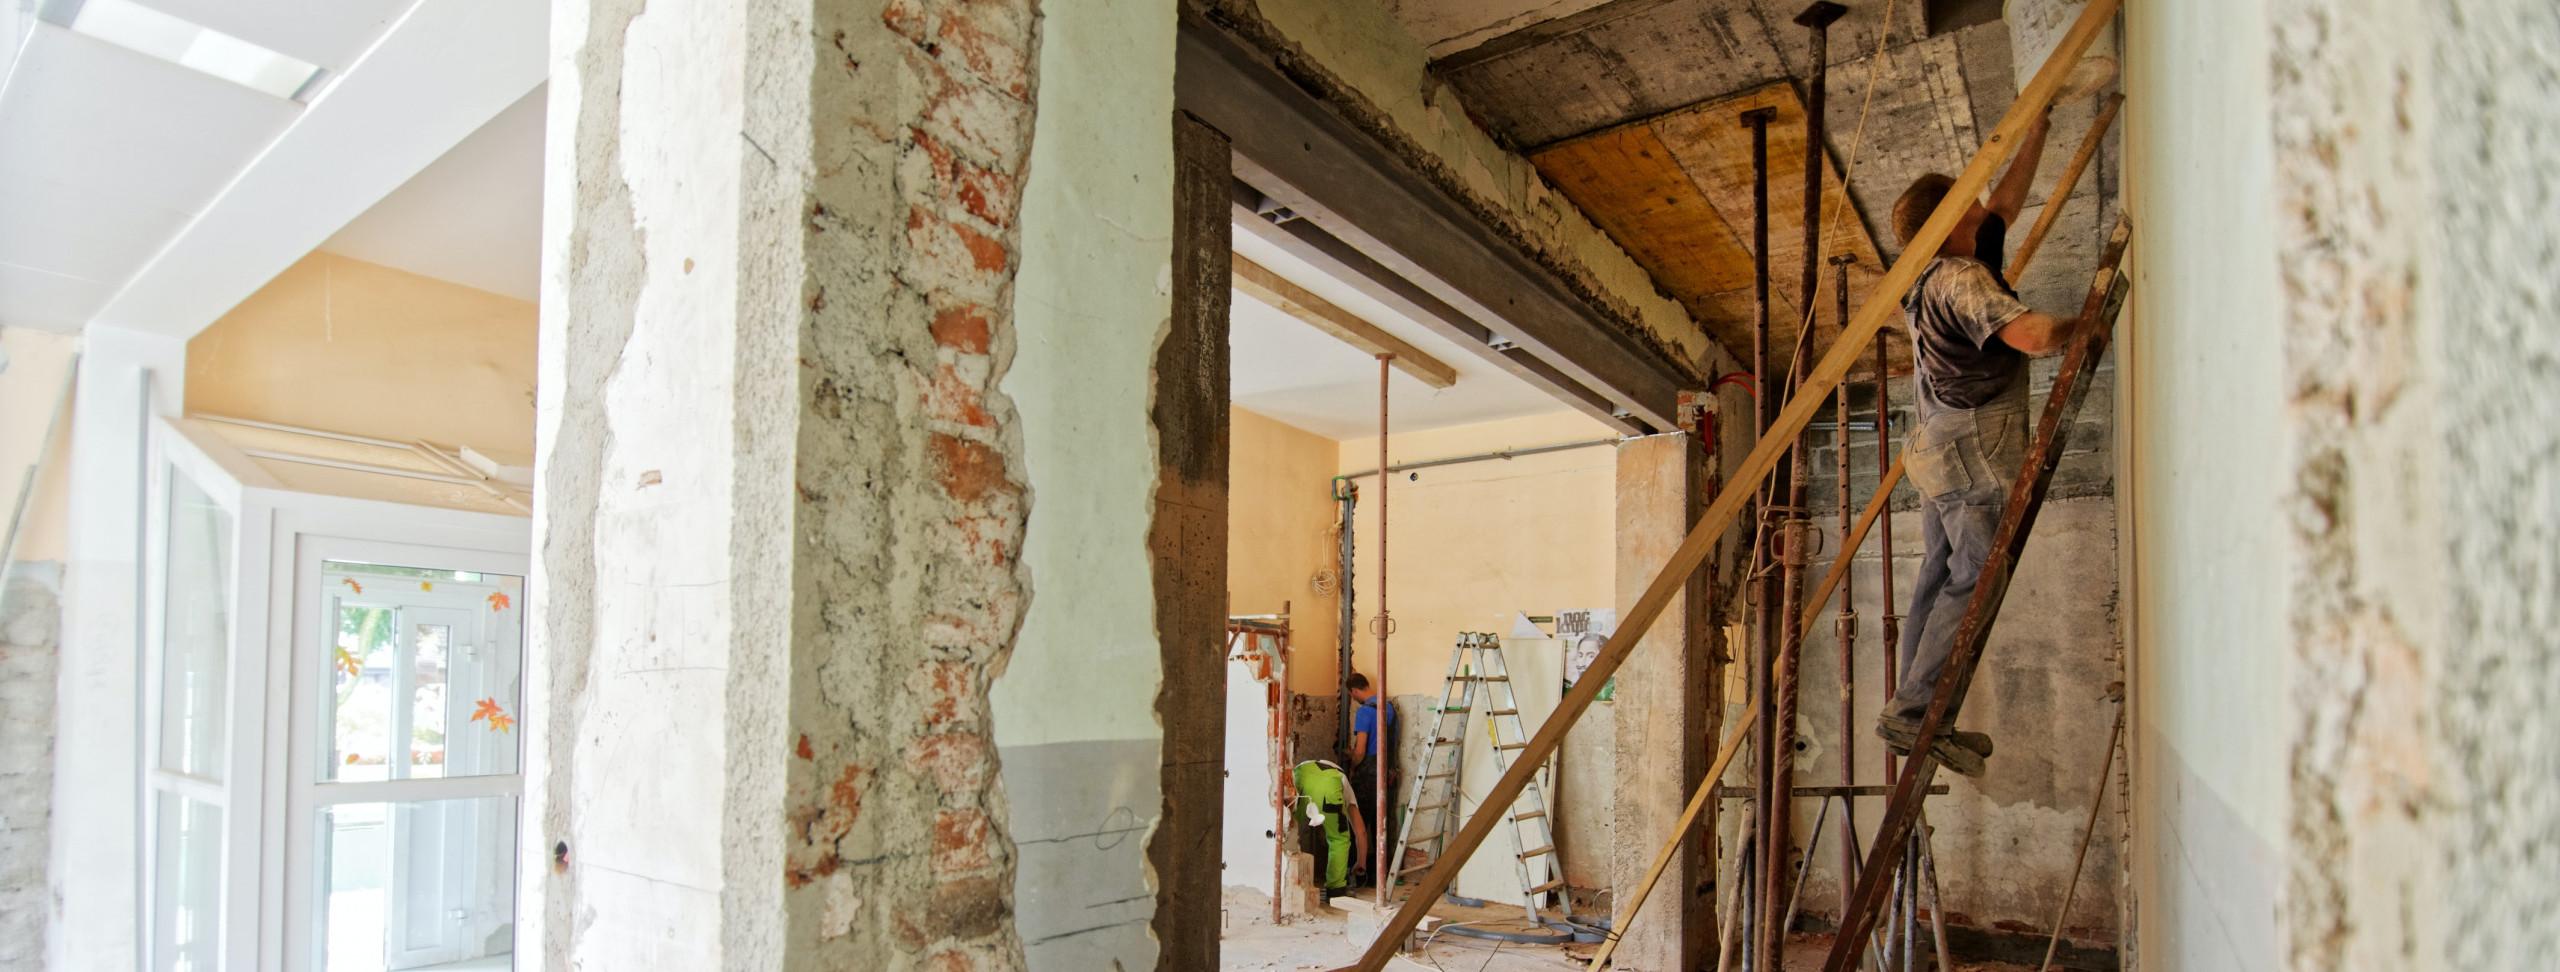 ambiente-reforma-revestimento-apartamento-reformar-teto-forro-sujeira-construcao-materiais-contratar-profissional-pedreiro-chao-pintura